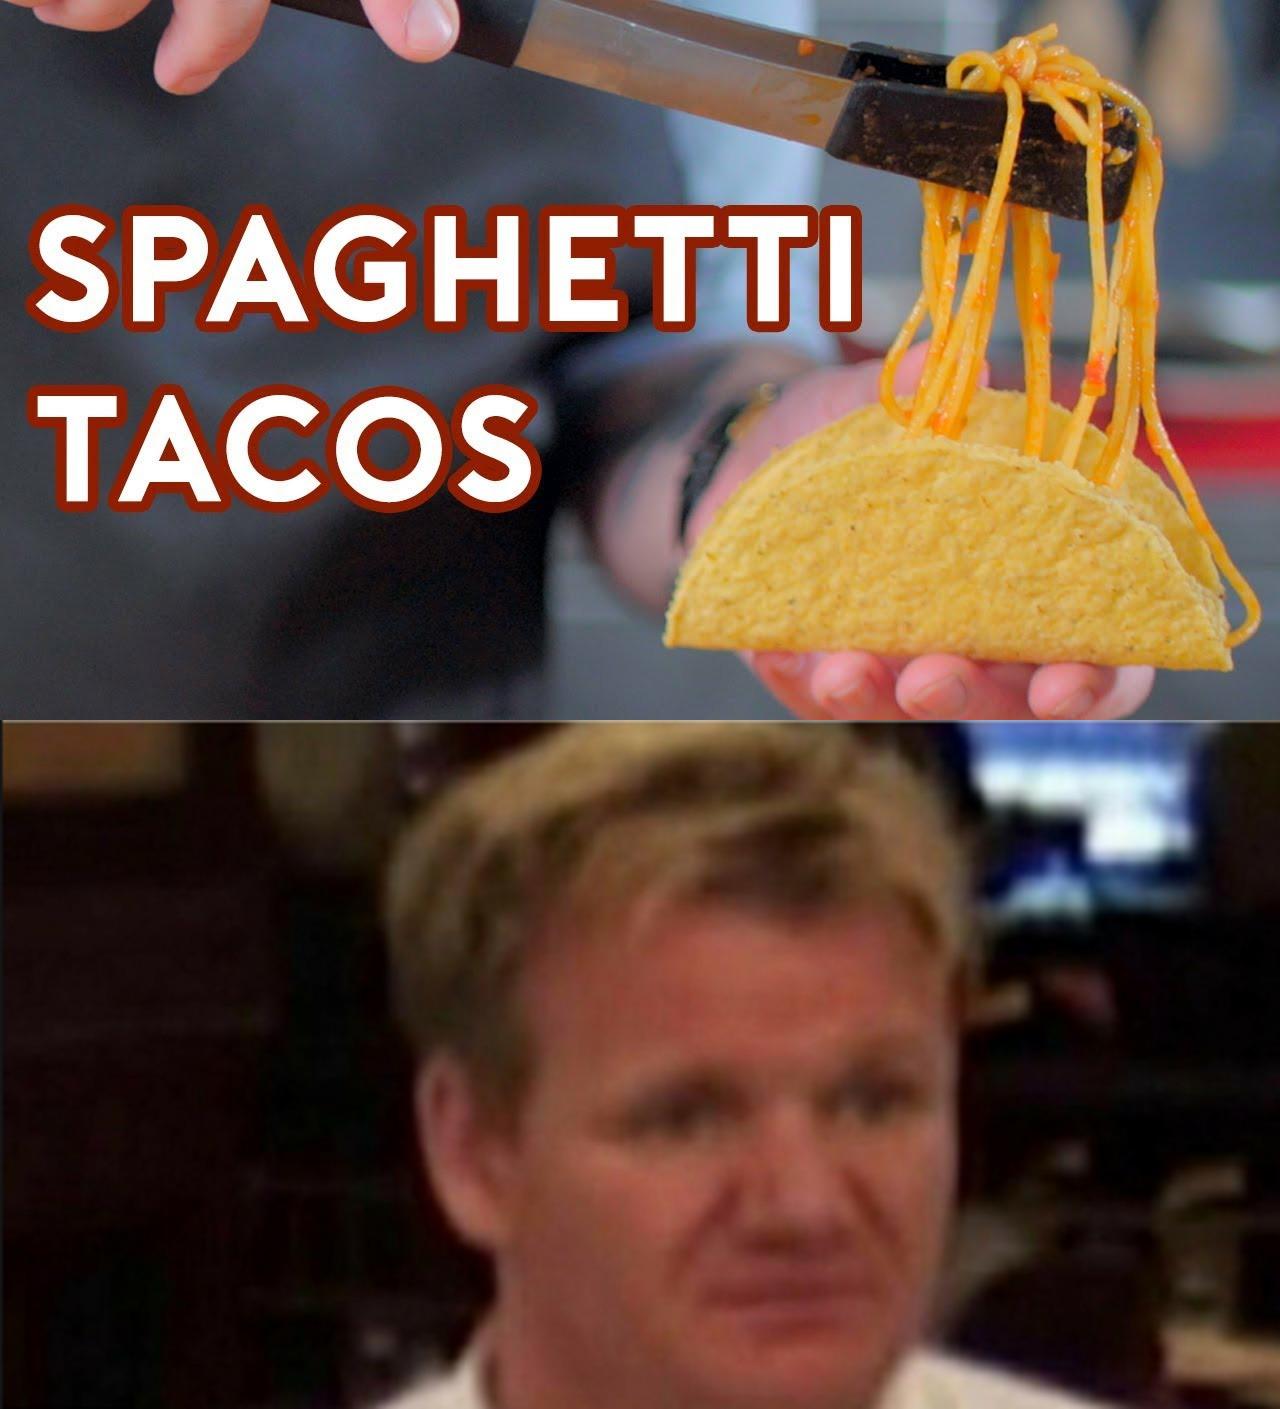 Spaghetti tacos - meme